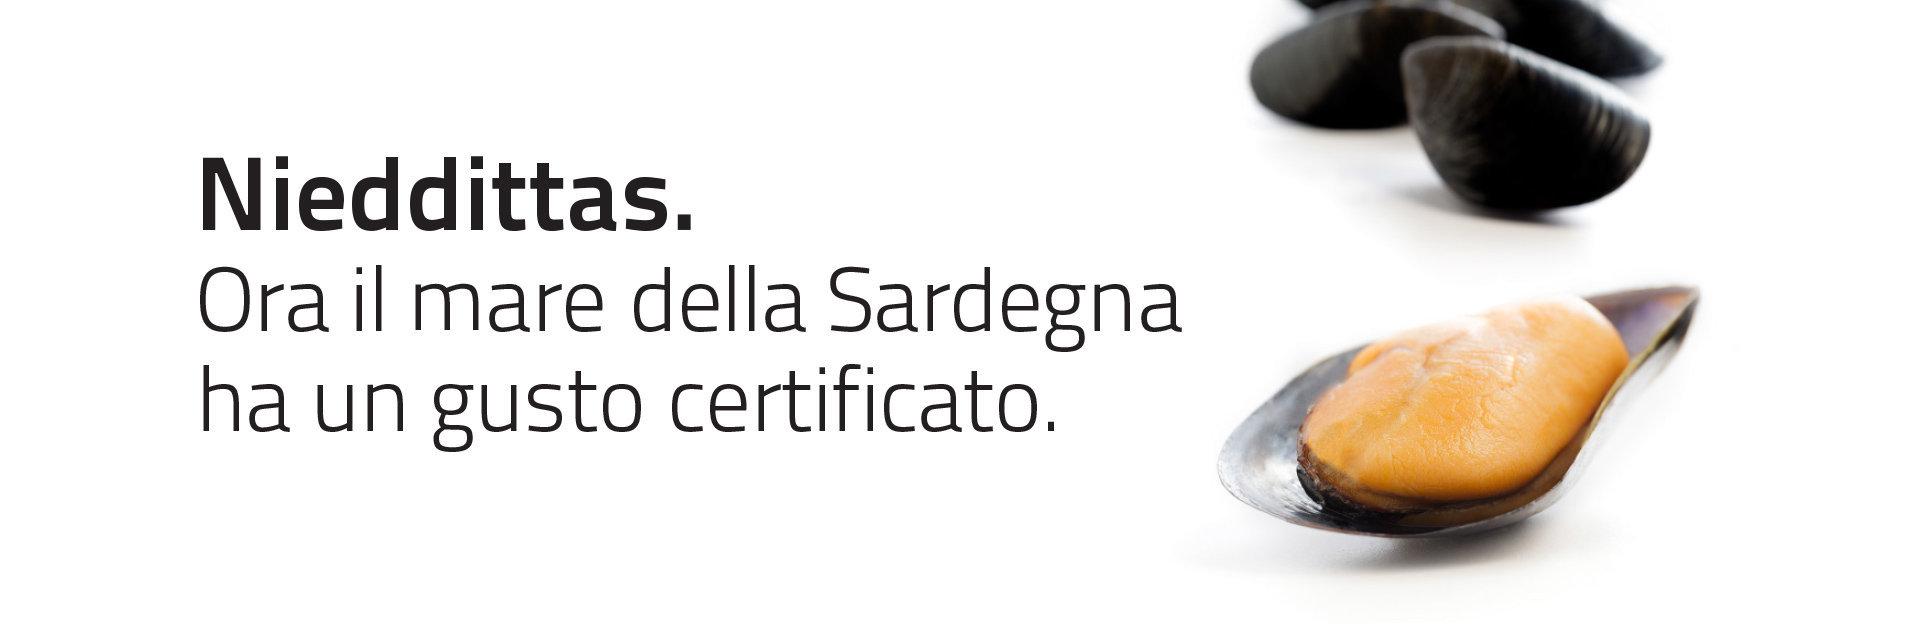 Nieddittas. Ora il mare di Sardegna ha un gusto certificato.